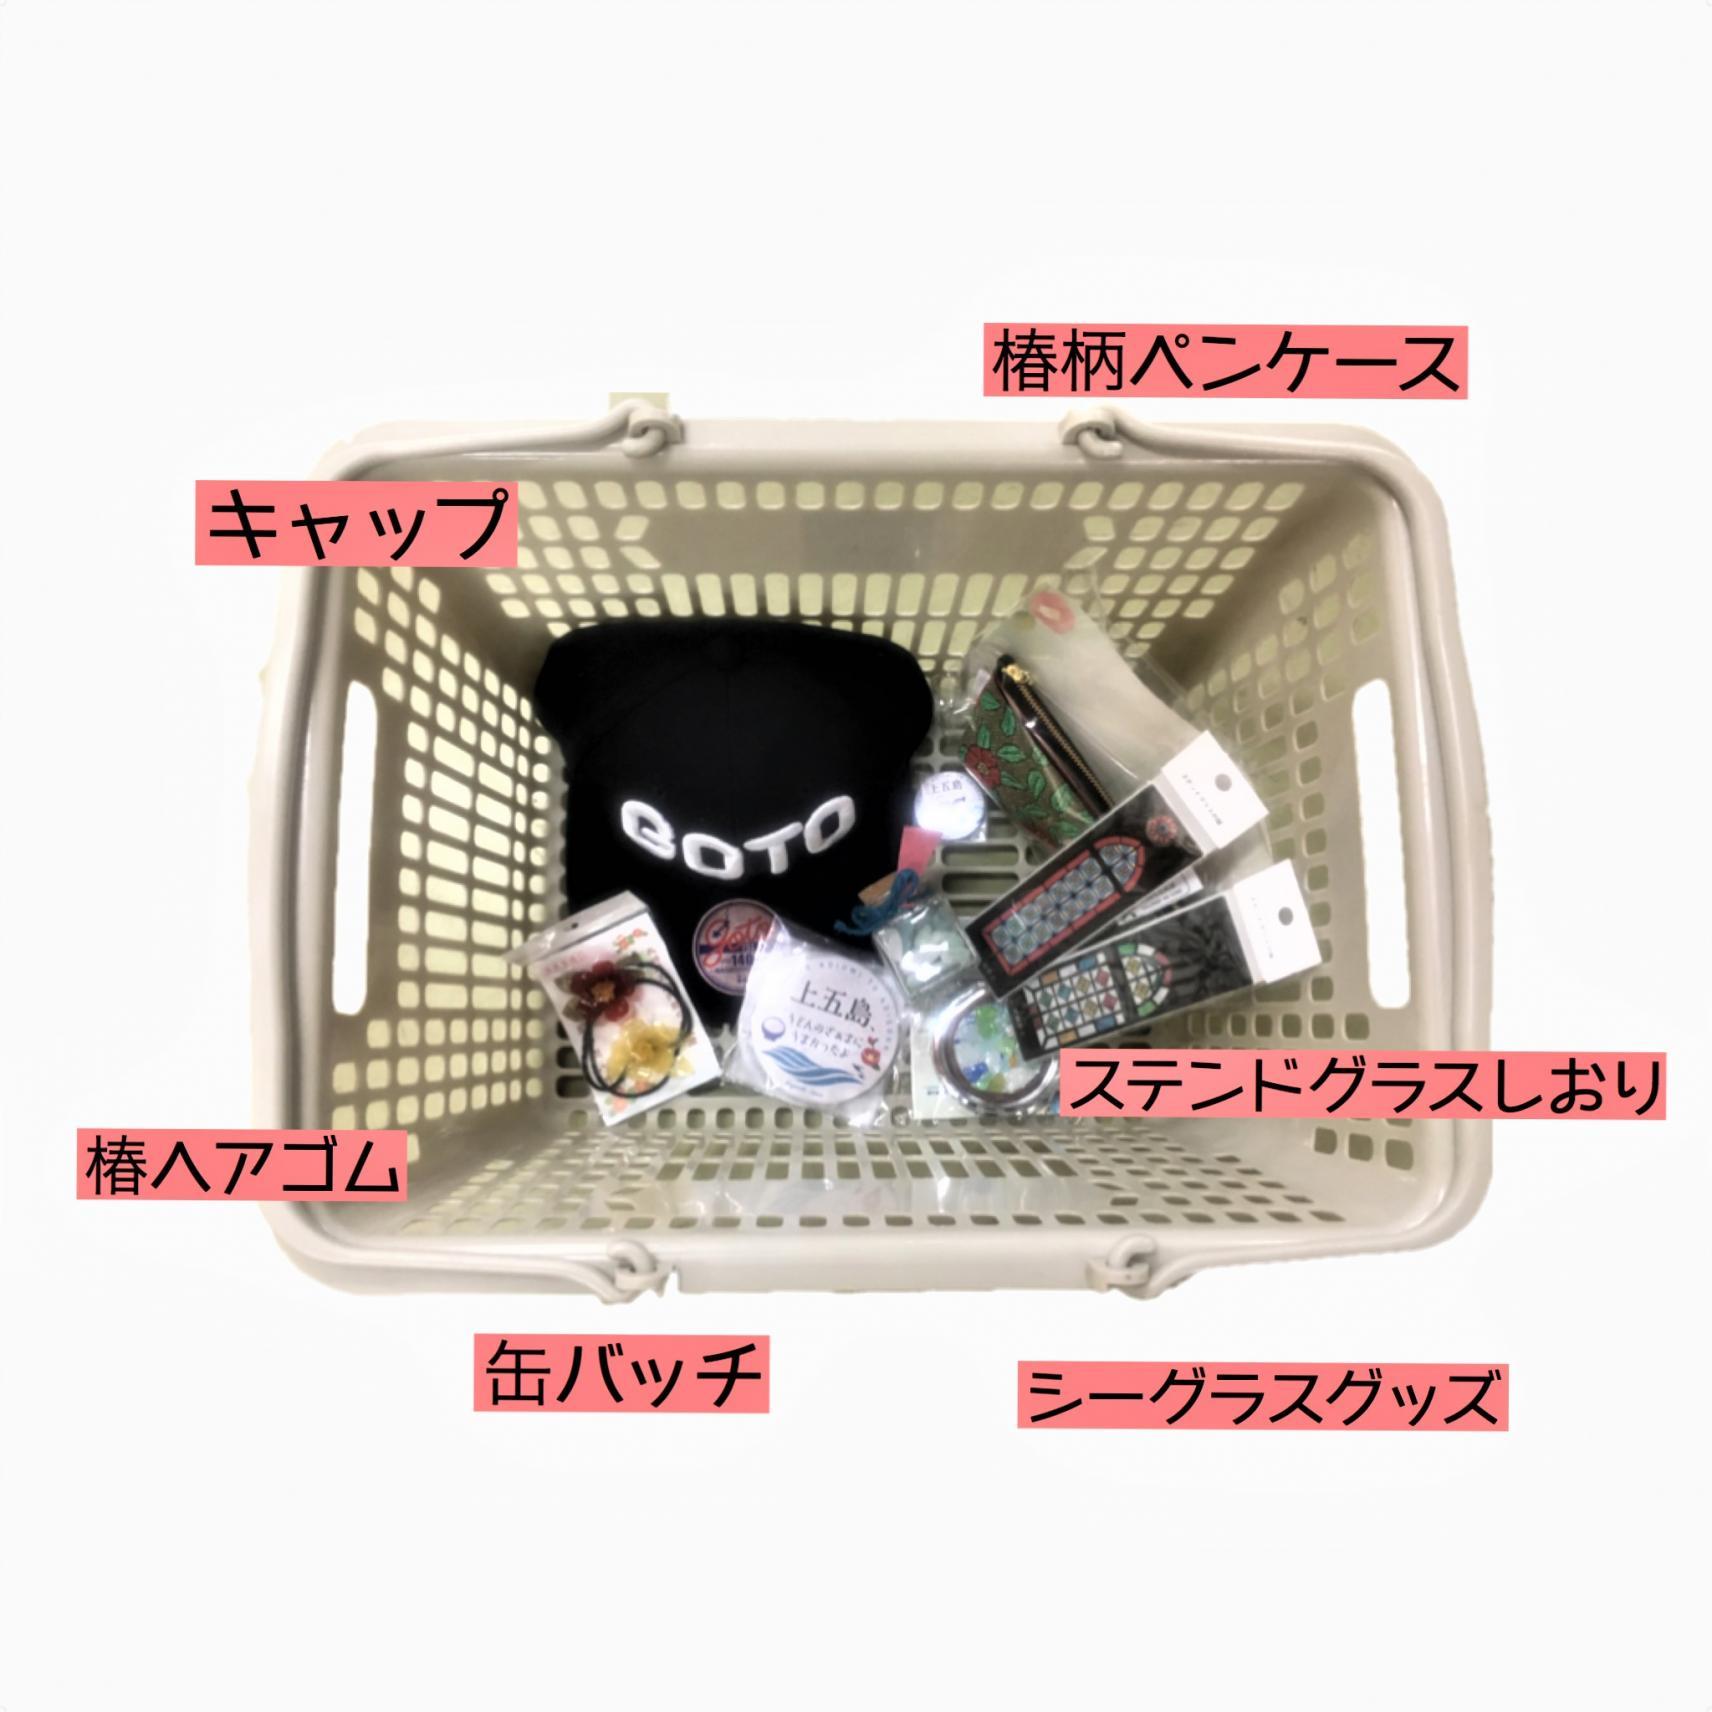 【ムスメ】小学校のお友達にお土産を買って帰ろう!-0